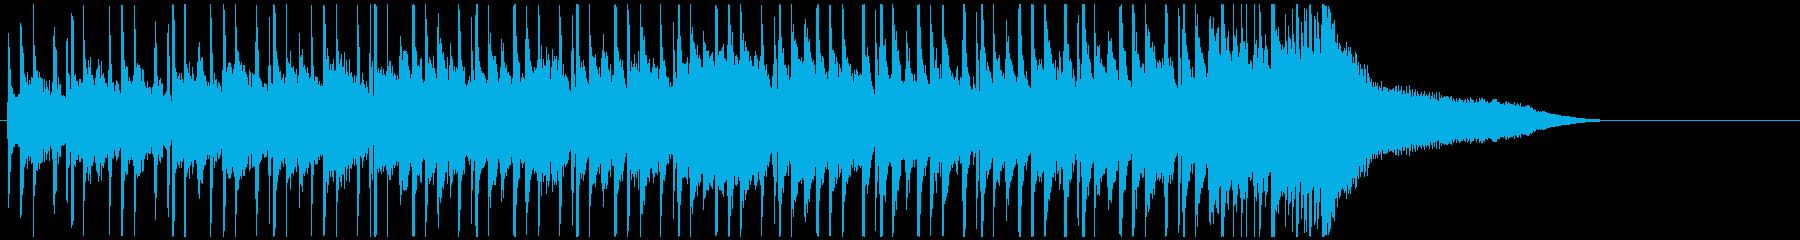 企業VP系ジングル 爽やかピアノとギターの再生済みの波形